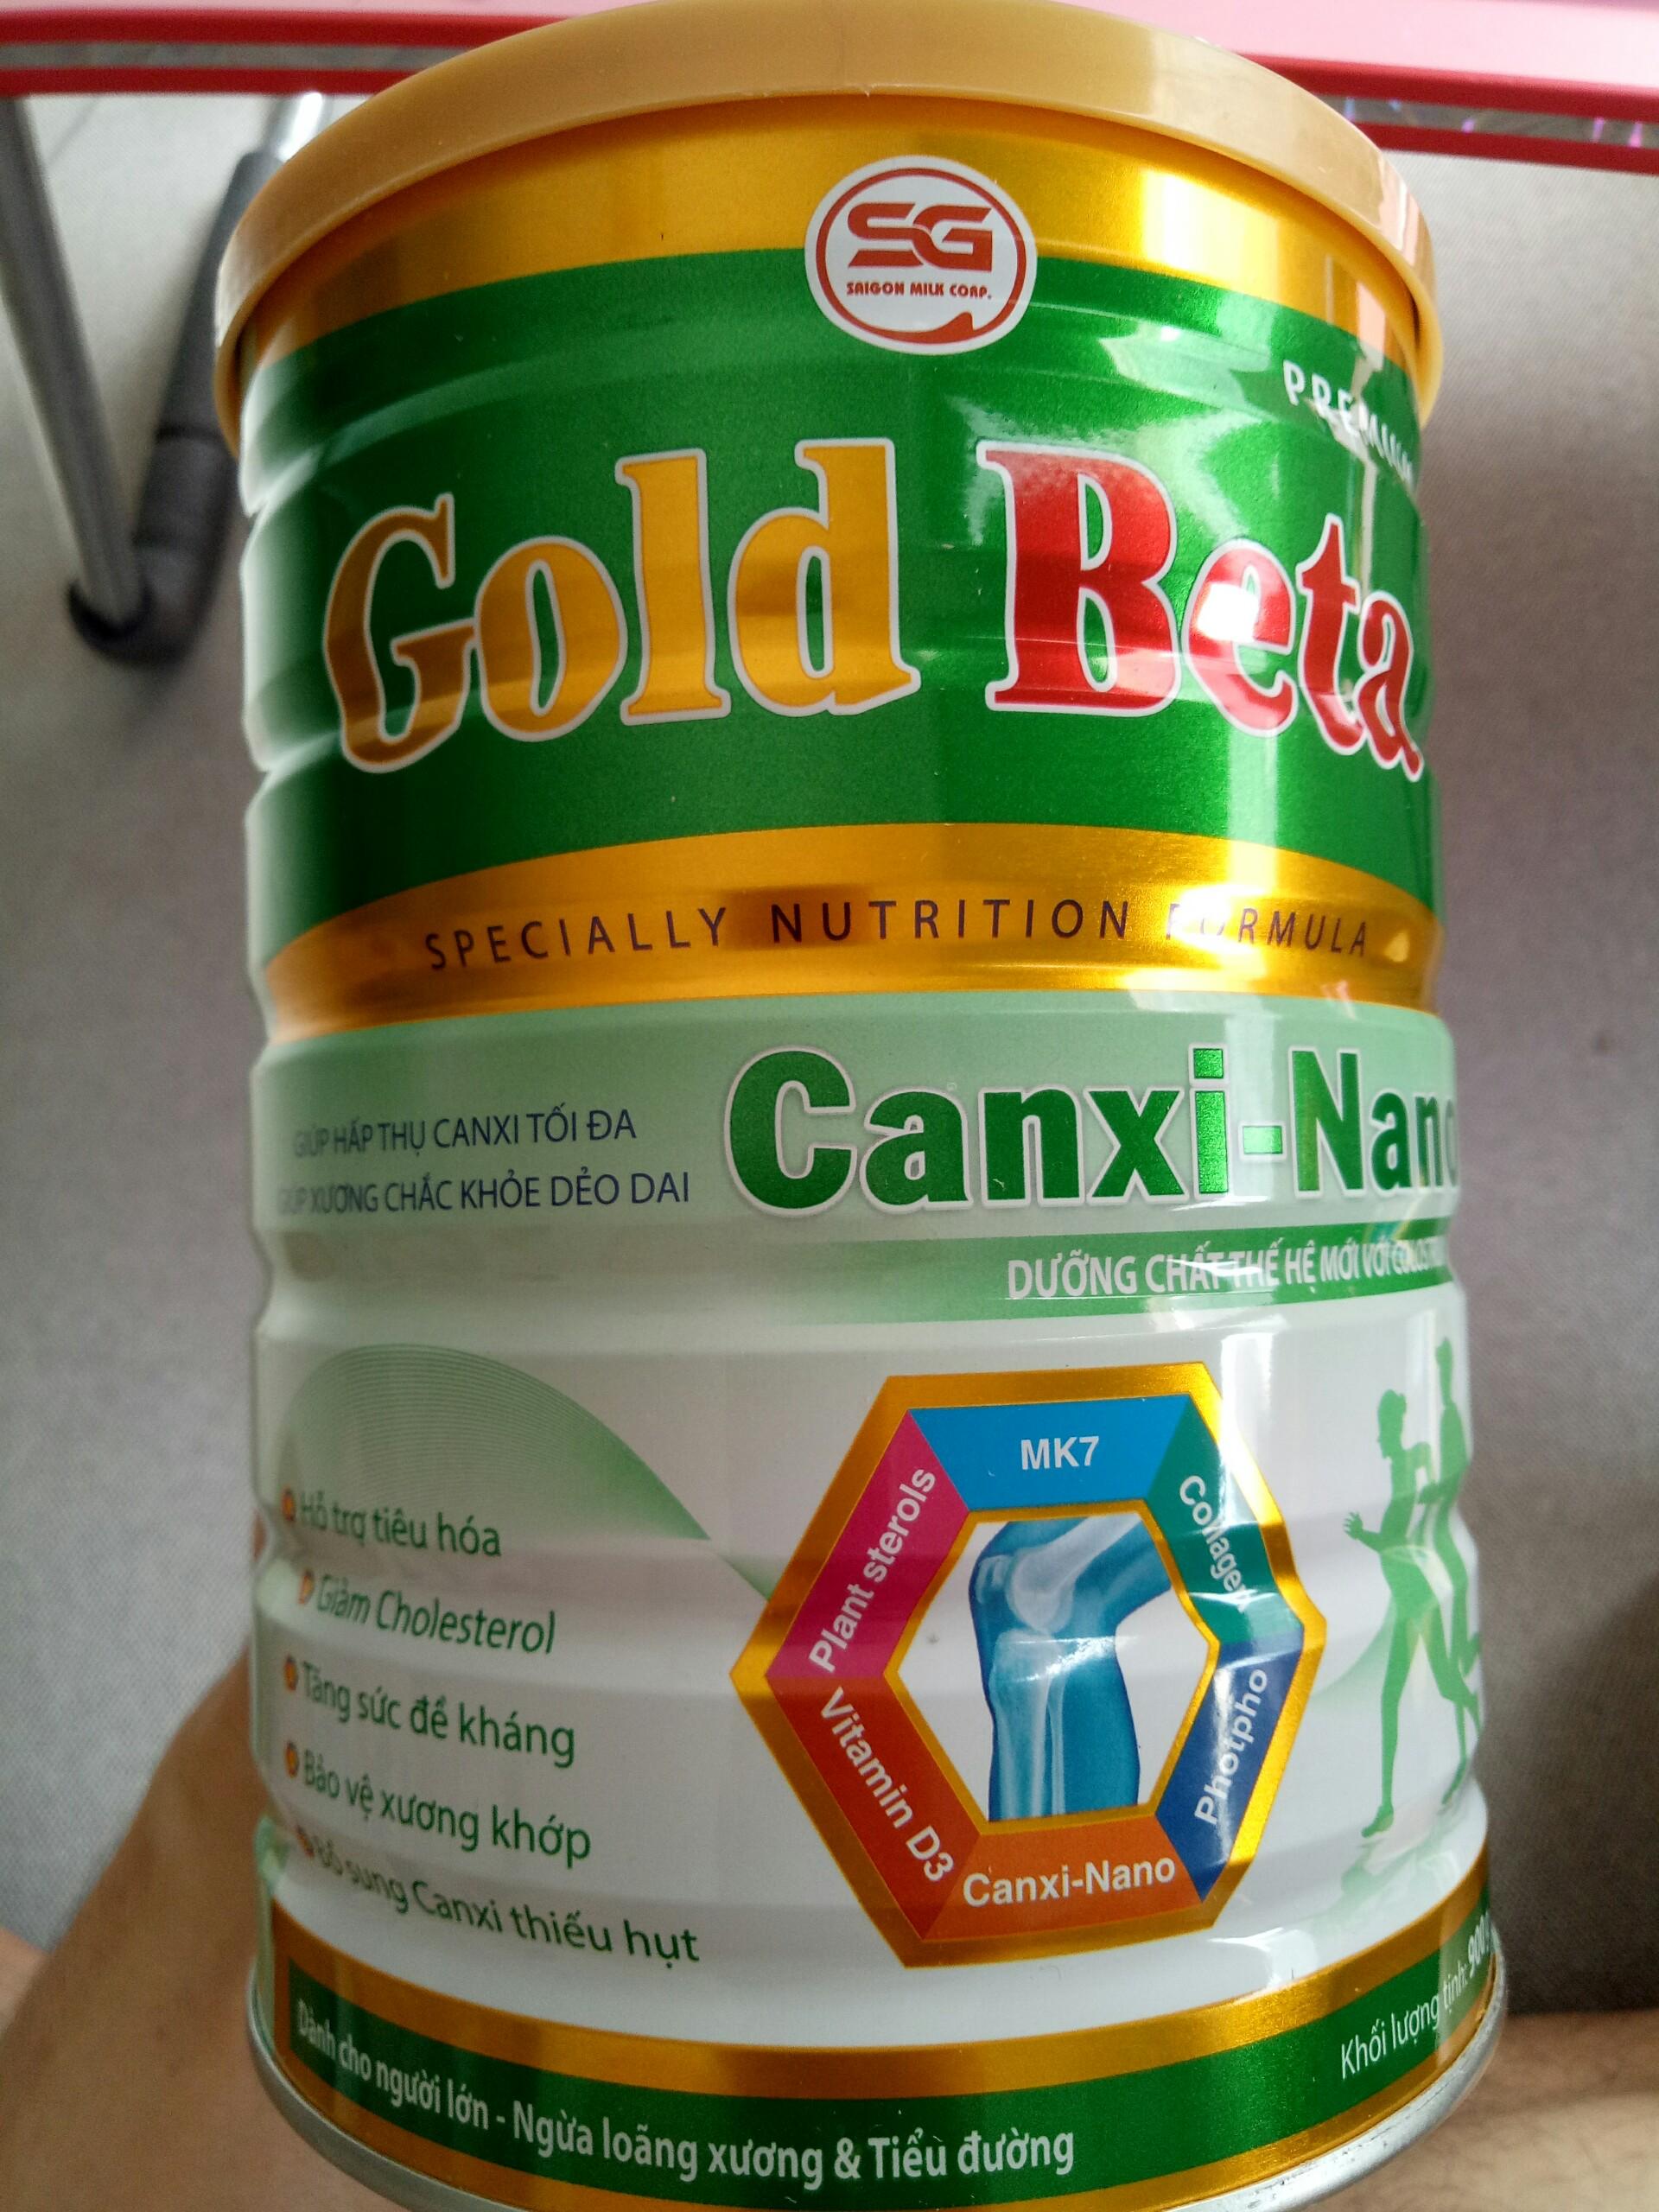 Sữa canxi nano cho người trung niên và cao tuổi Gold Beta Canxi Nano 900g